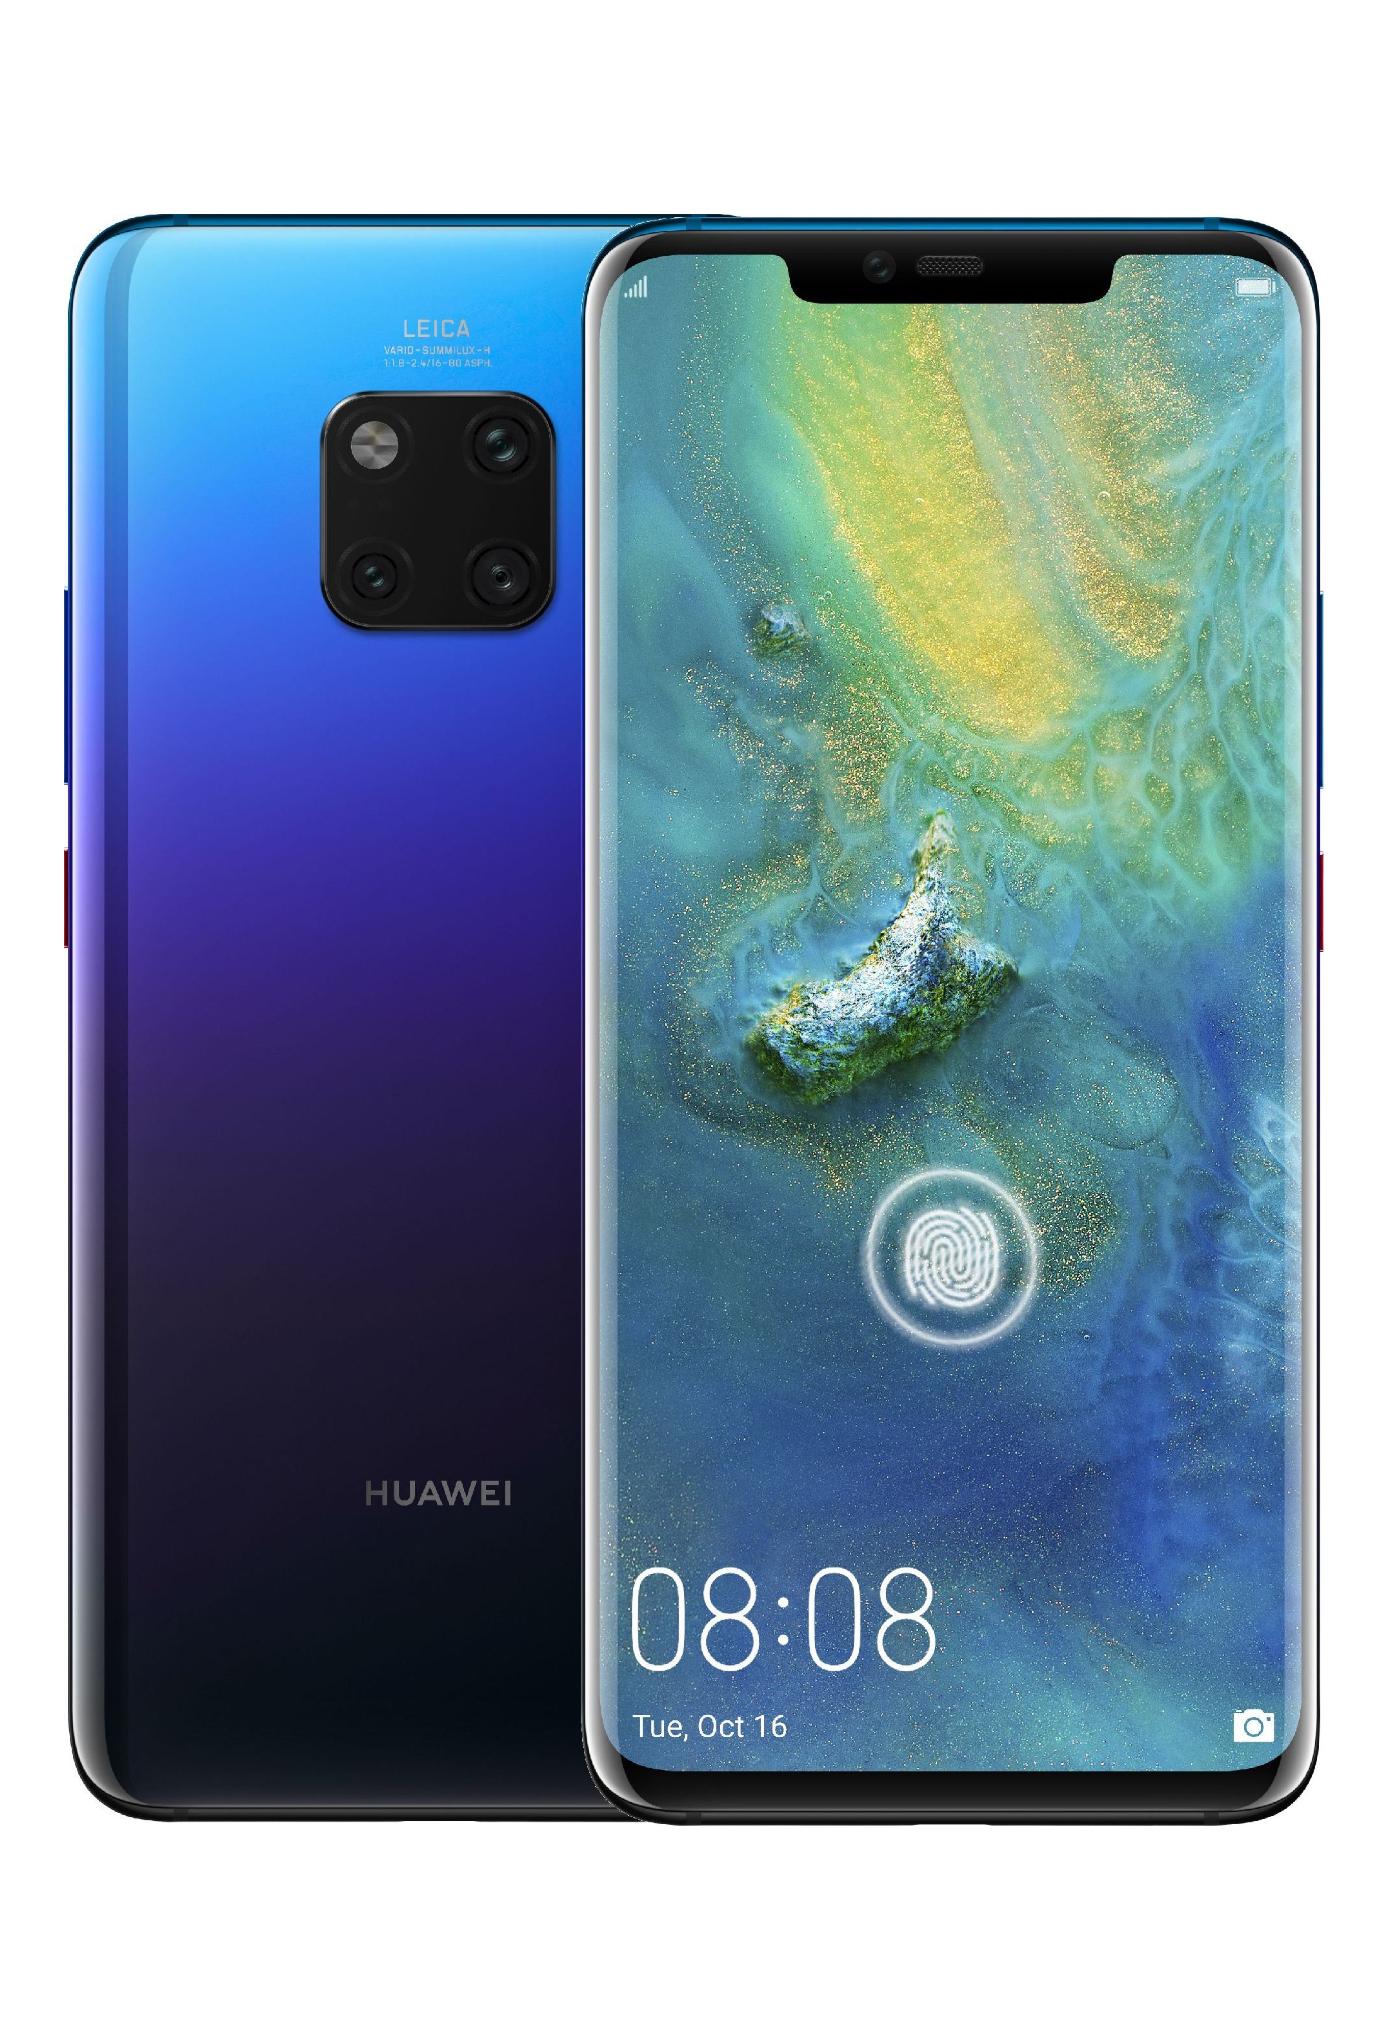 Huawei Mate 20 Pro 6/128GB Niebieski. Najtaniej na tę chwilę. Amazon.de